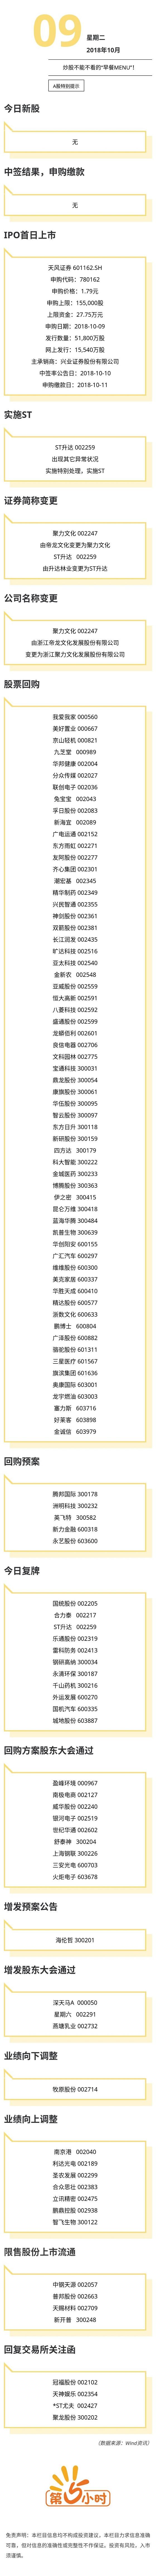 A股特别提示(2018-10-09).jpg